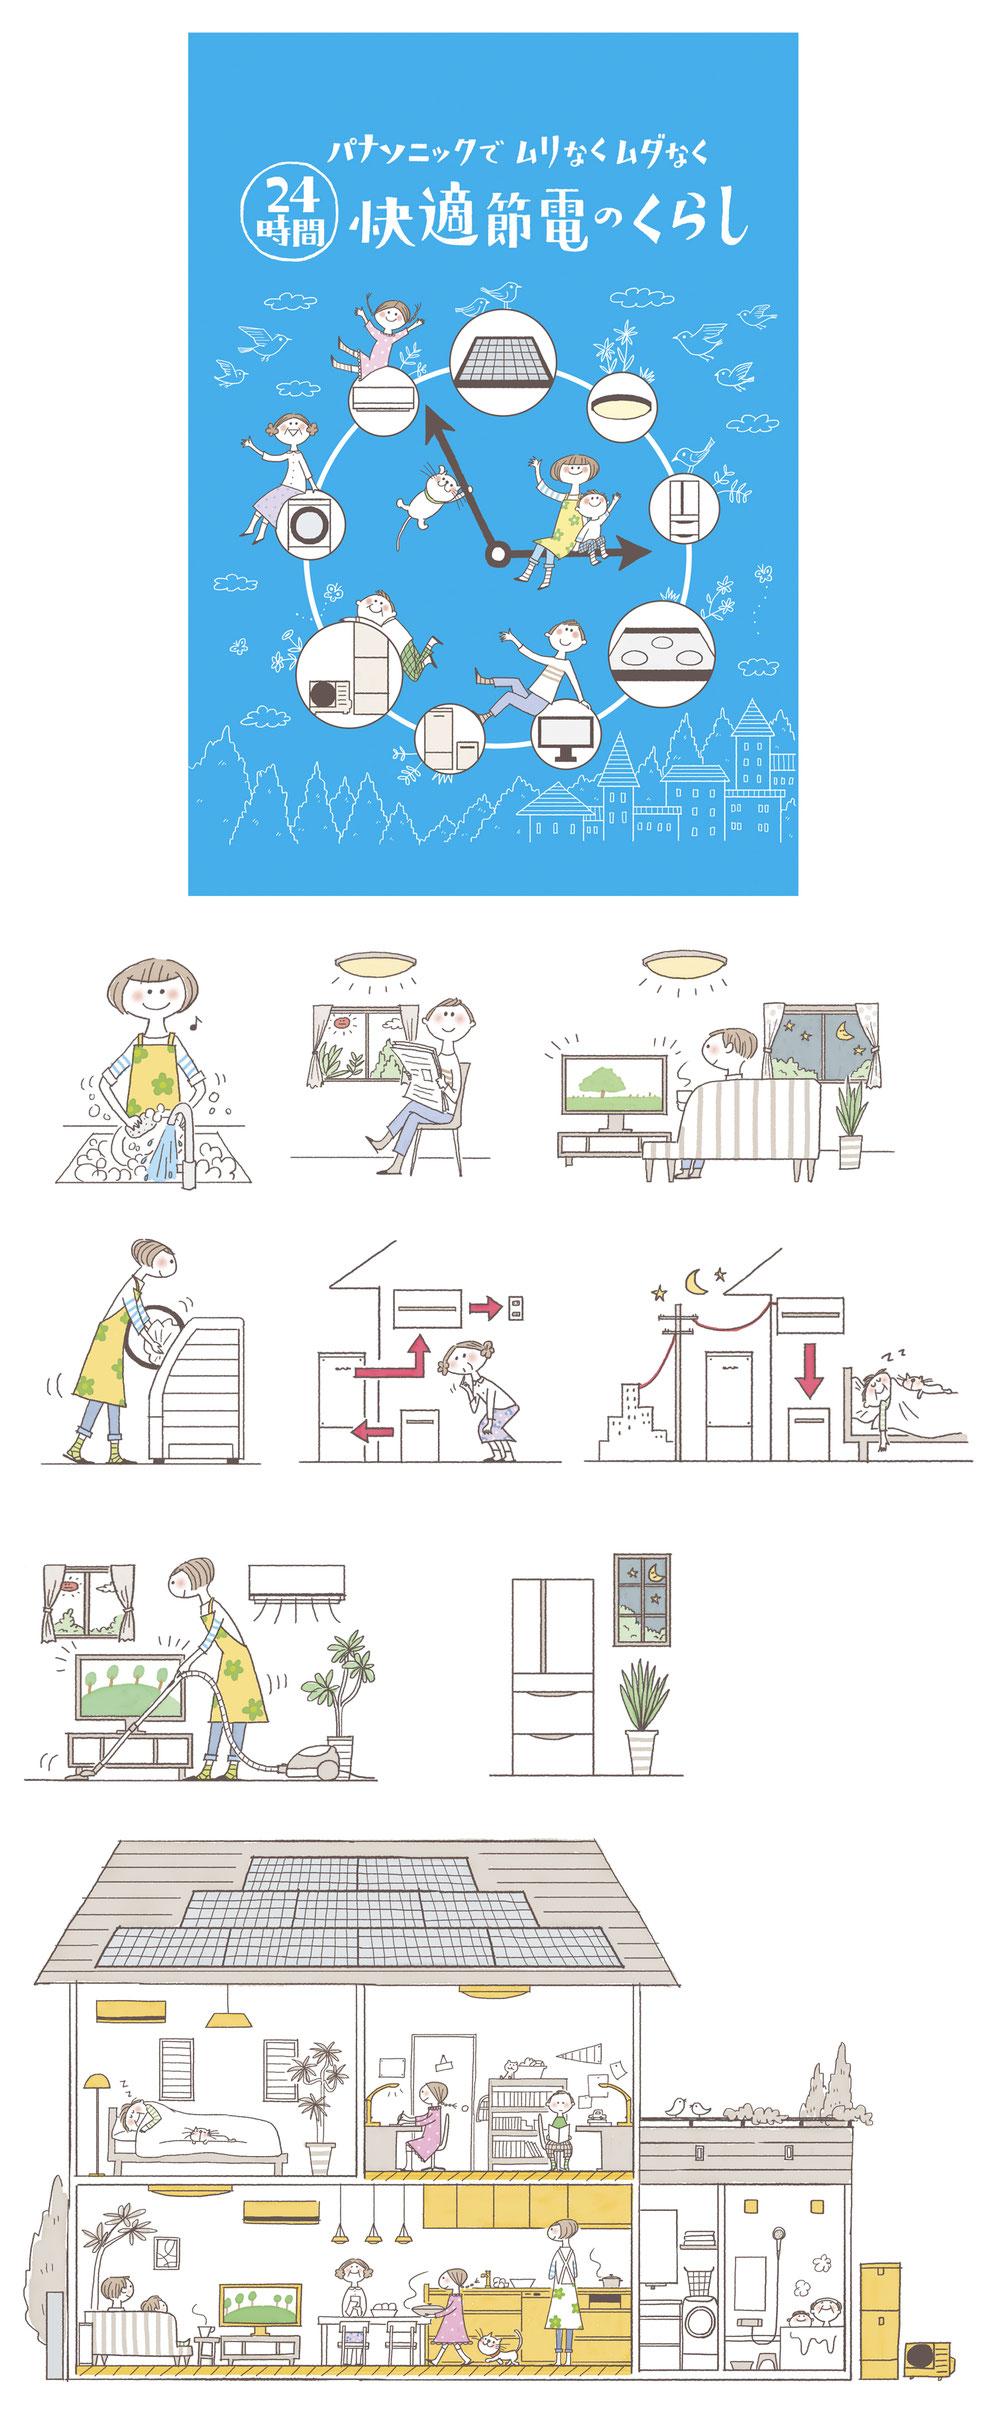 エコキュートと家族の暮らしのイラスト